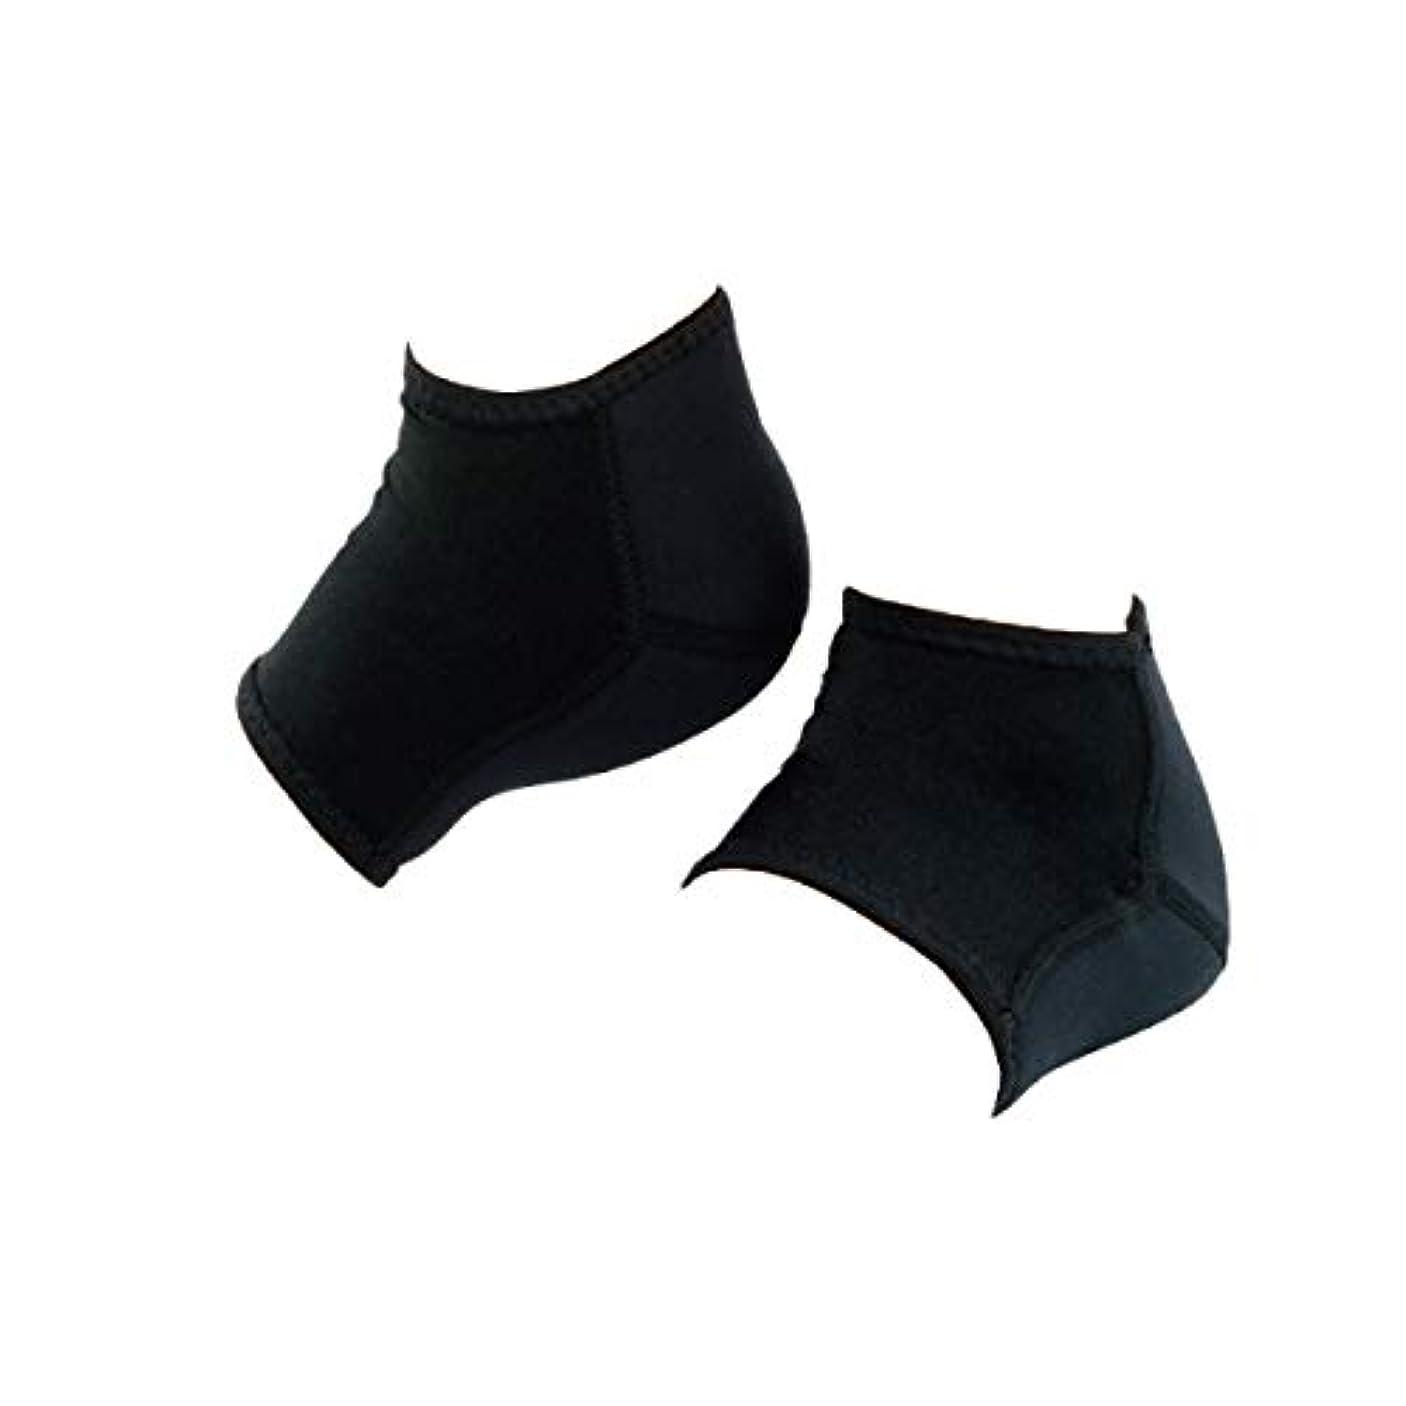 連続的リットル特異な靴下 かかと 保湿 チタン 素足小町 レギュラー